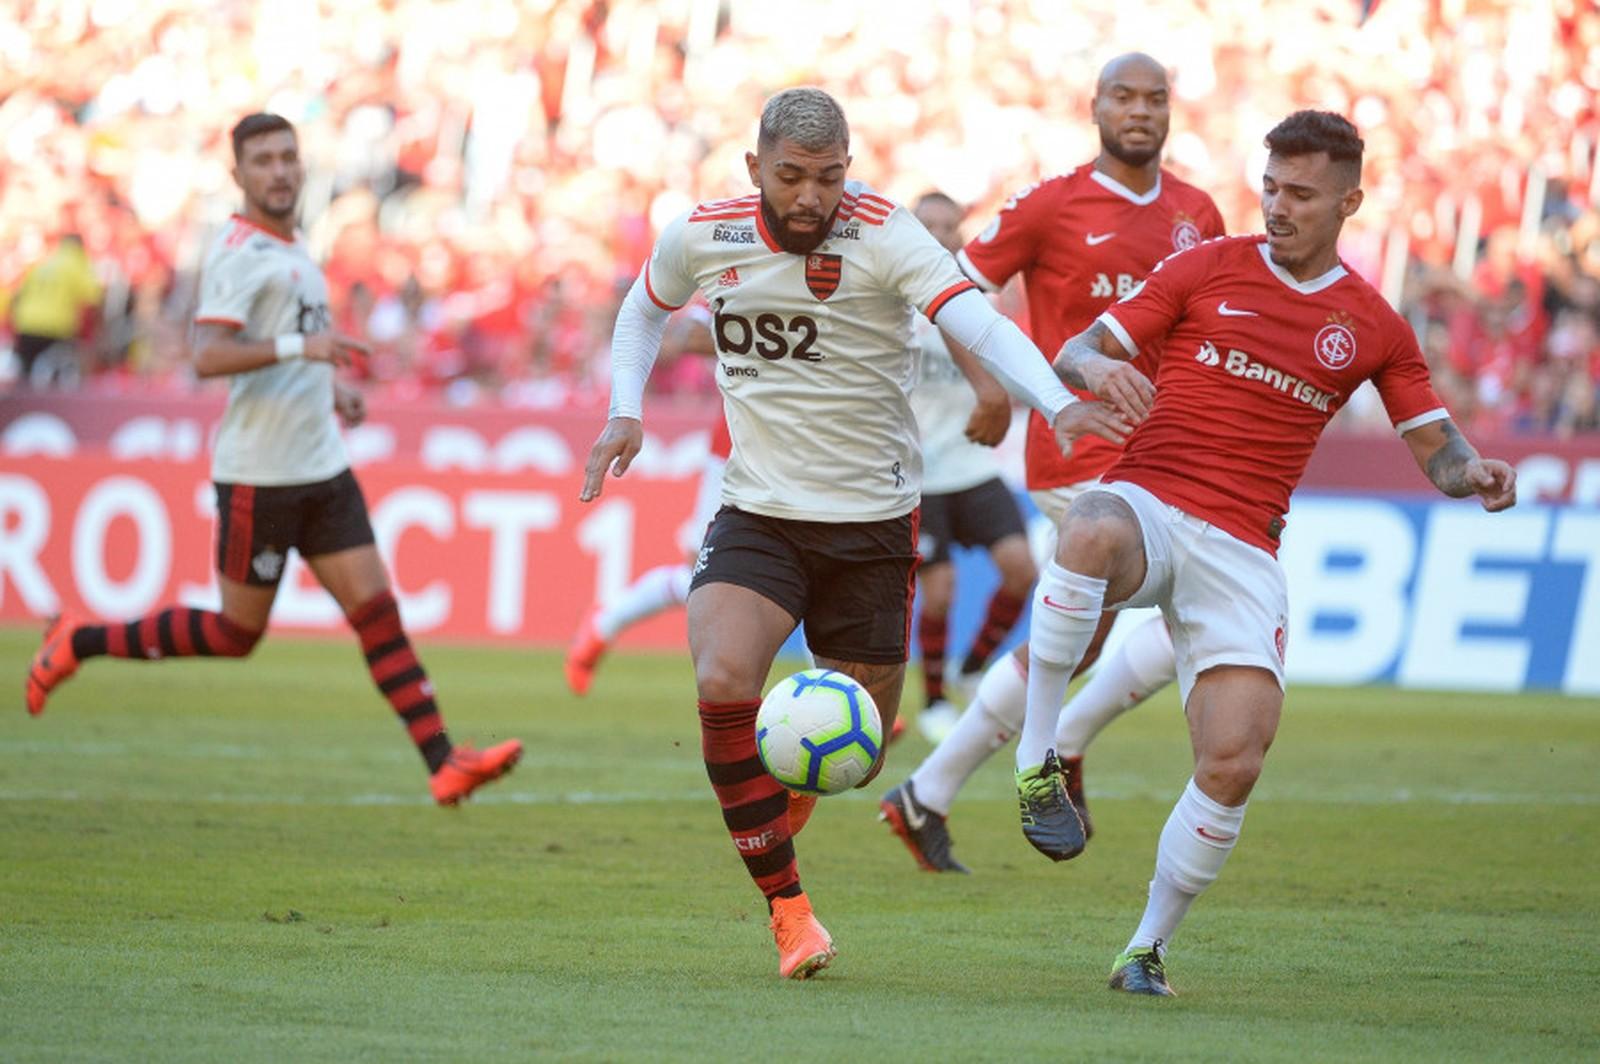 Trocas de posições tem deixado o time sem uma identidade e gerado insatisfação — Foto: Alexandre Vidal / Flamengo